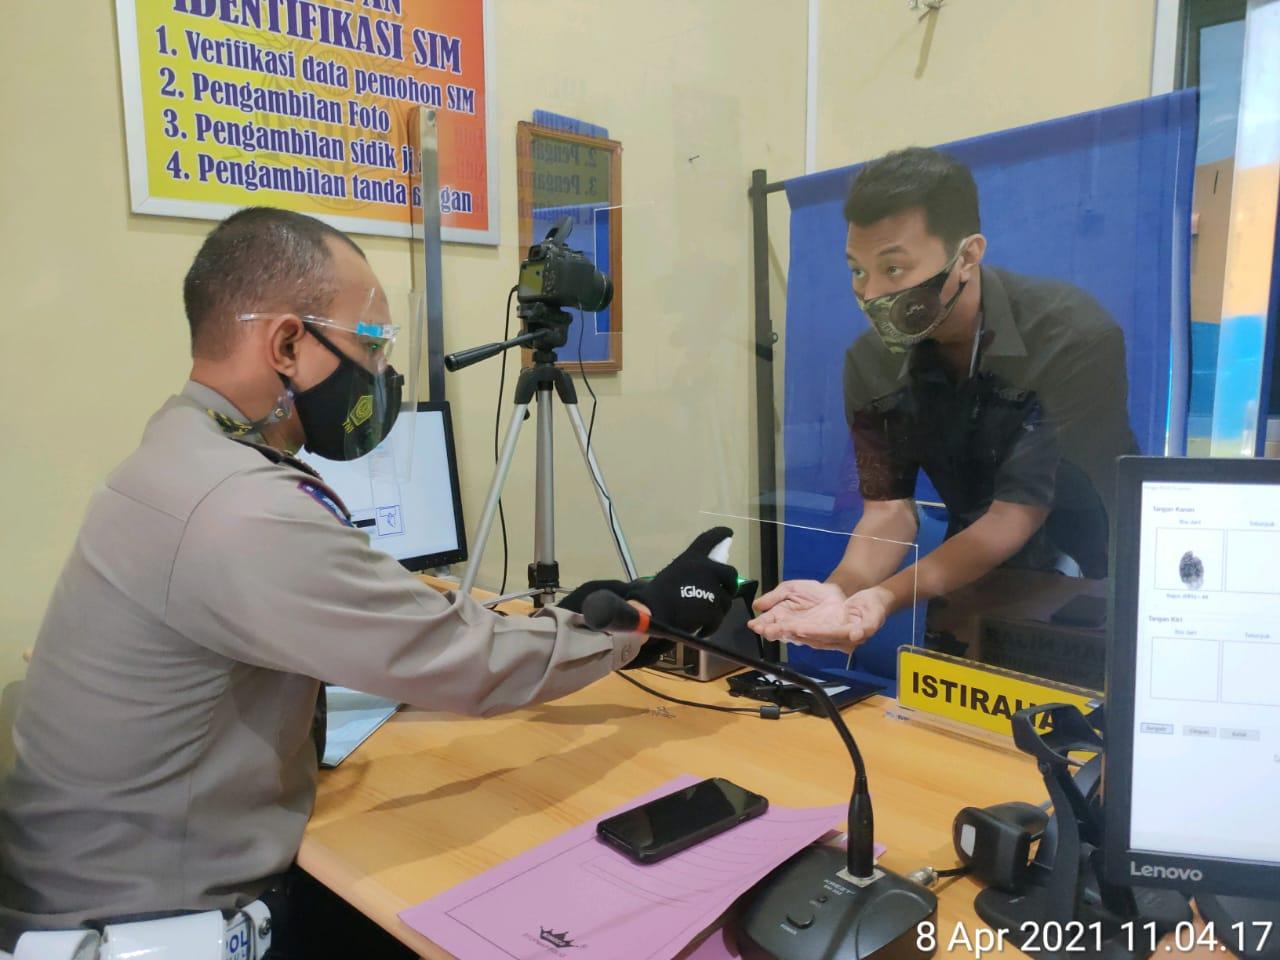 Satlantas Polres Kobar Selalu Menerapkan Prokes Dalam Pelayanan Administrasi SIM